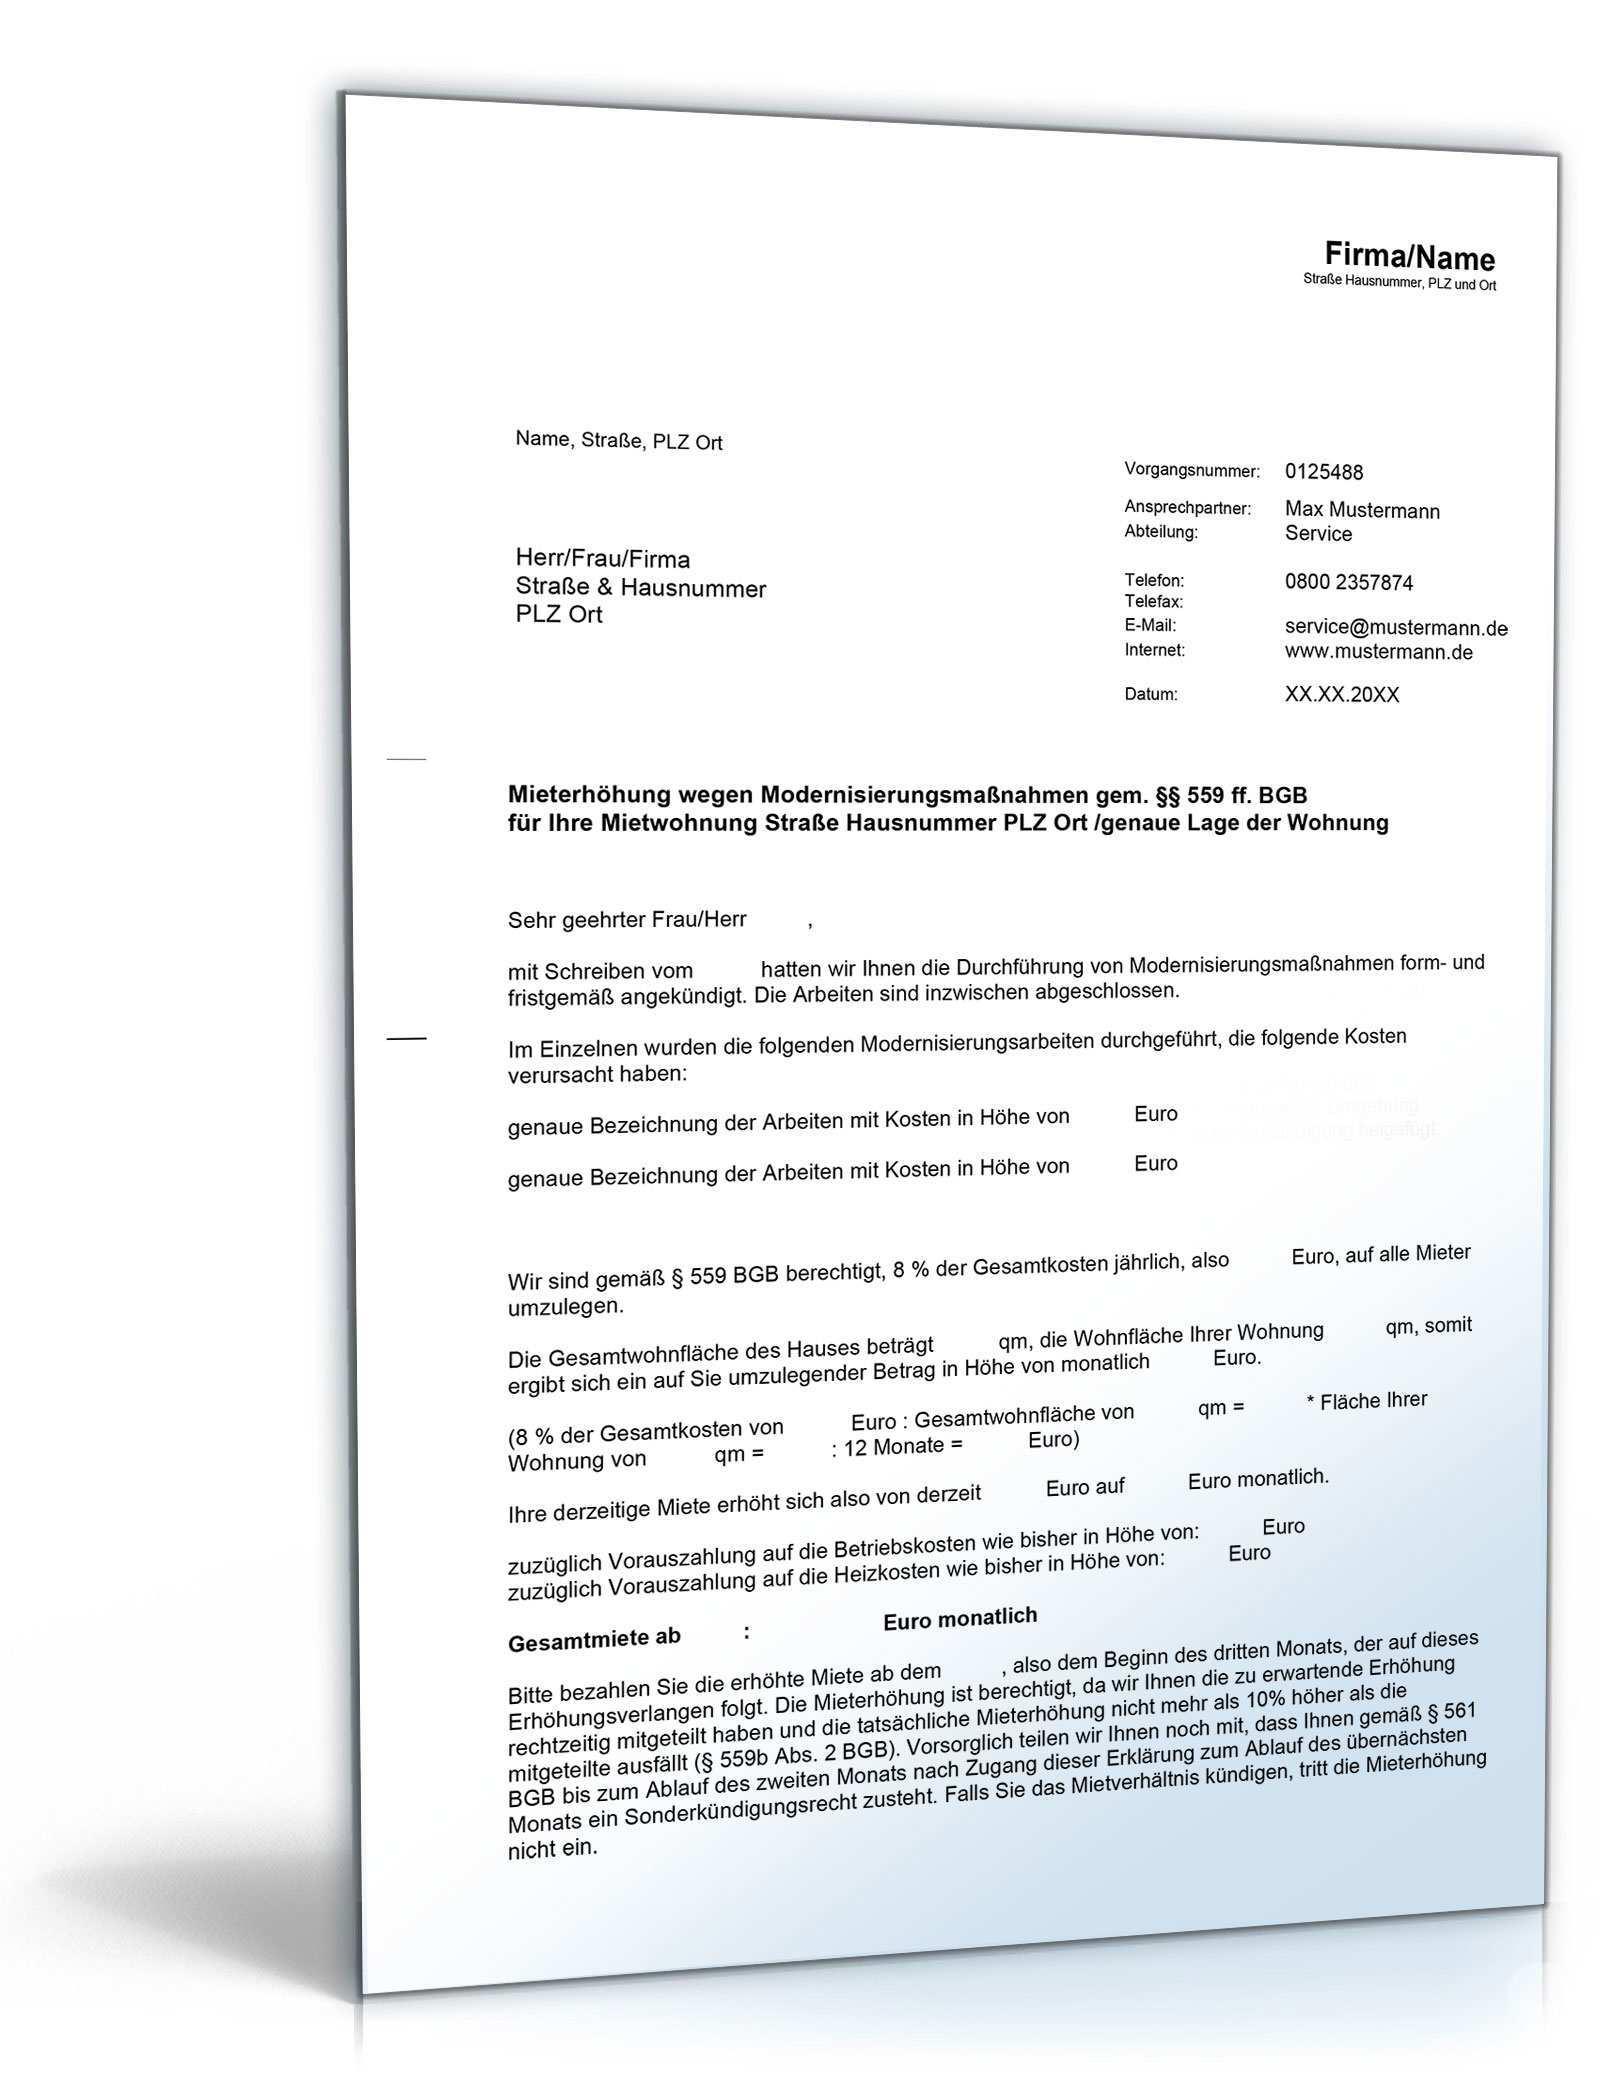 Mieterhohung Modernisierungsmassnahmen Vorlage Zum Download